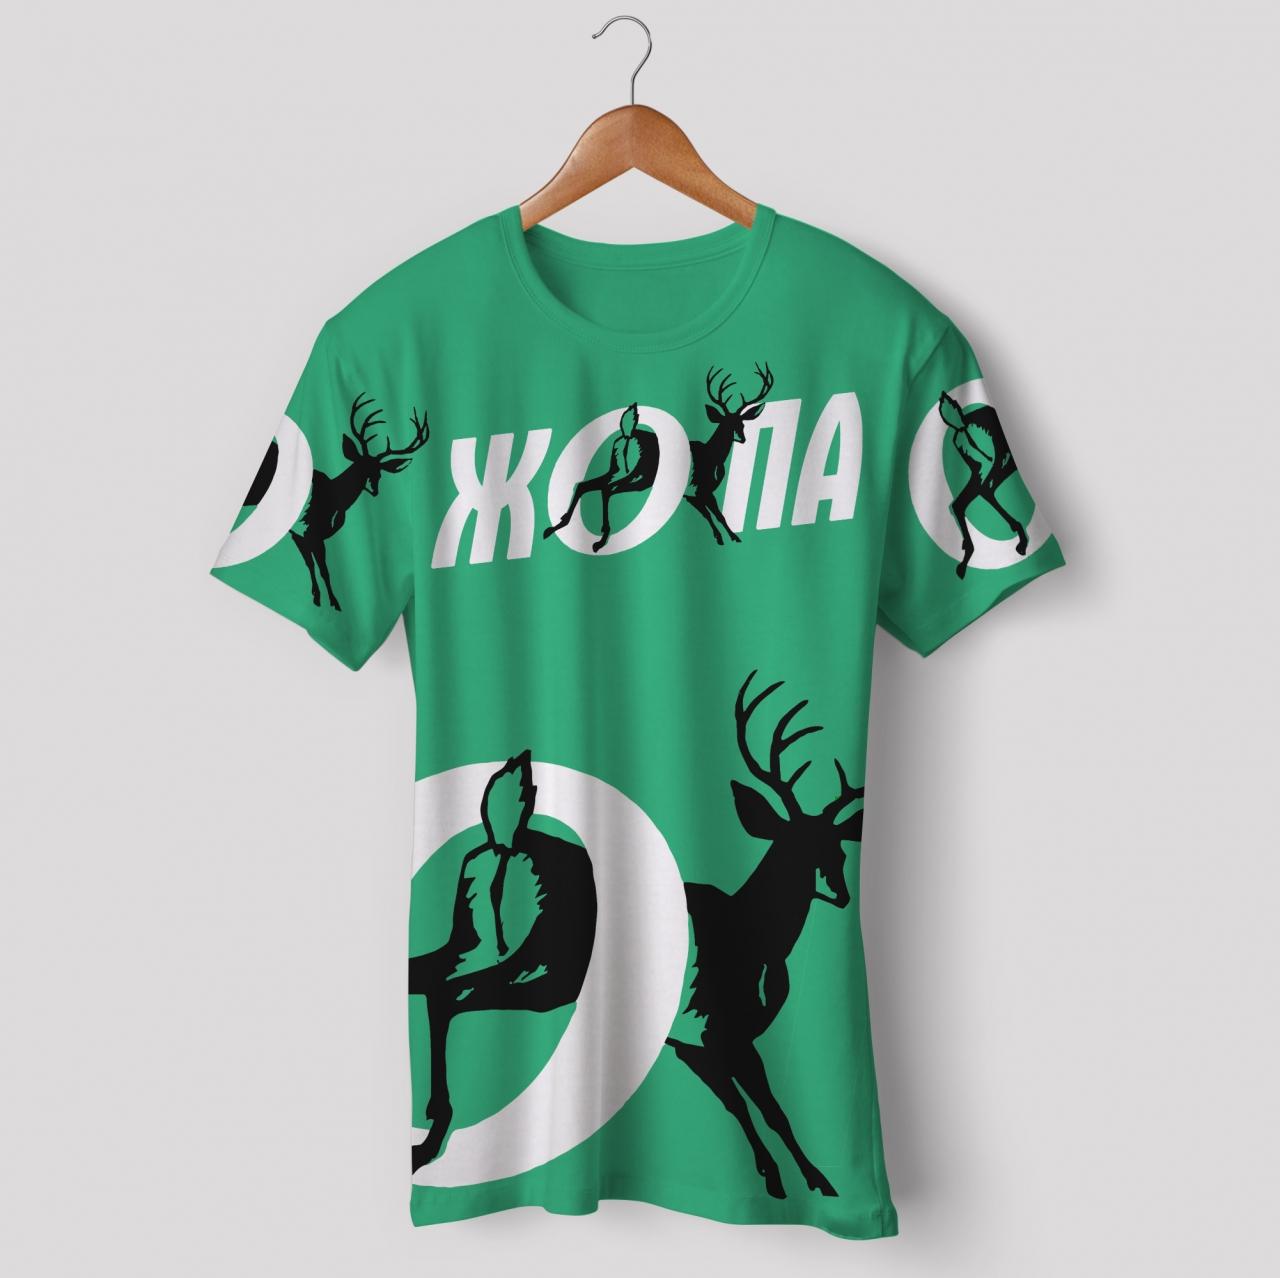 футболка синтетическая для занятий спортом 100%polyester